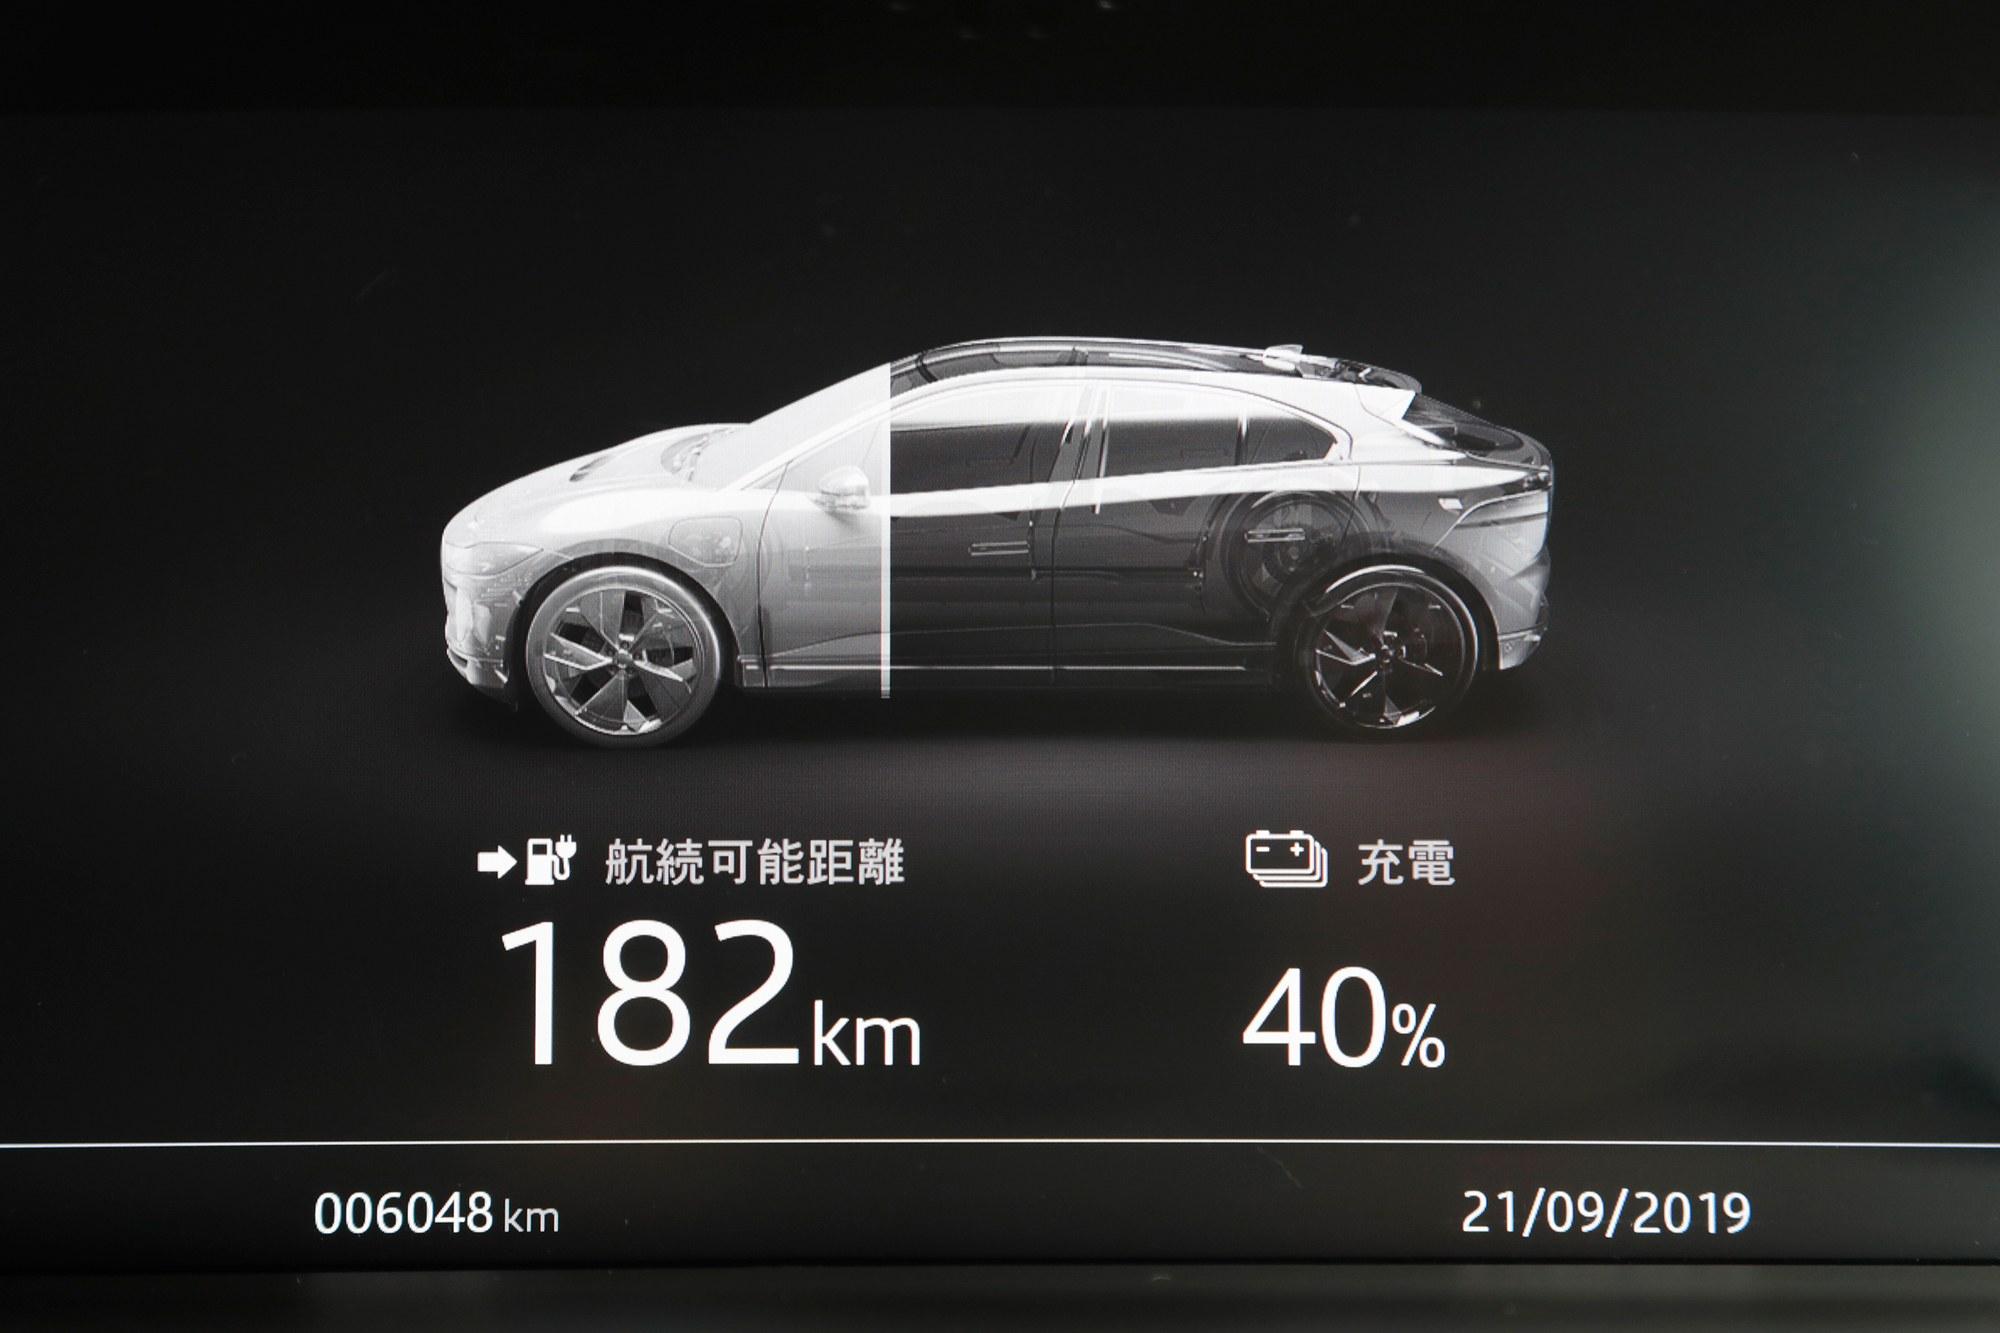 ガソリンハイパワー車と比べて分かる新型EV「iペイス」の速さと凄さ